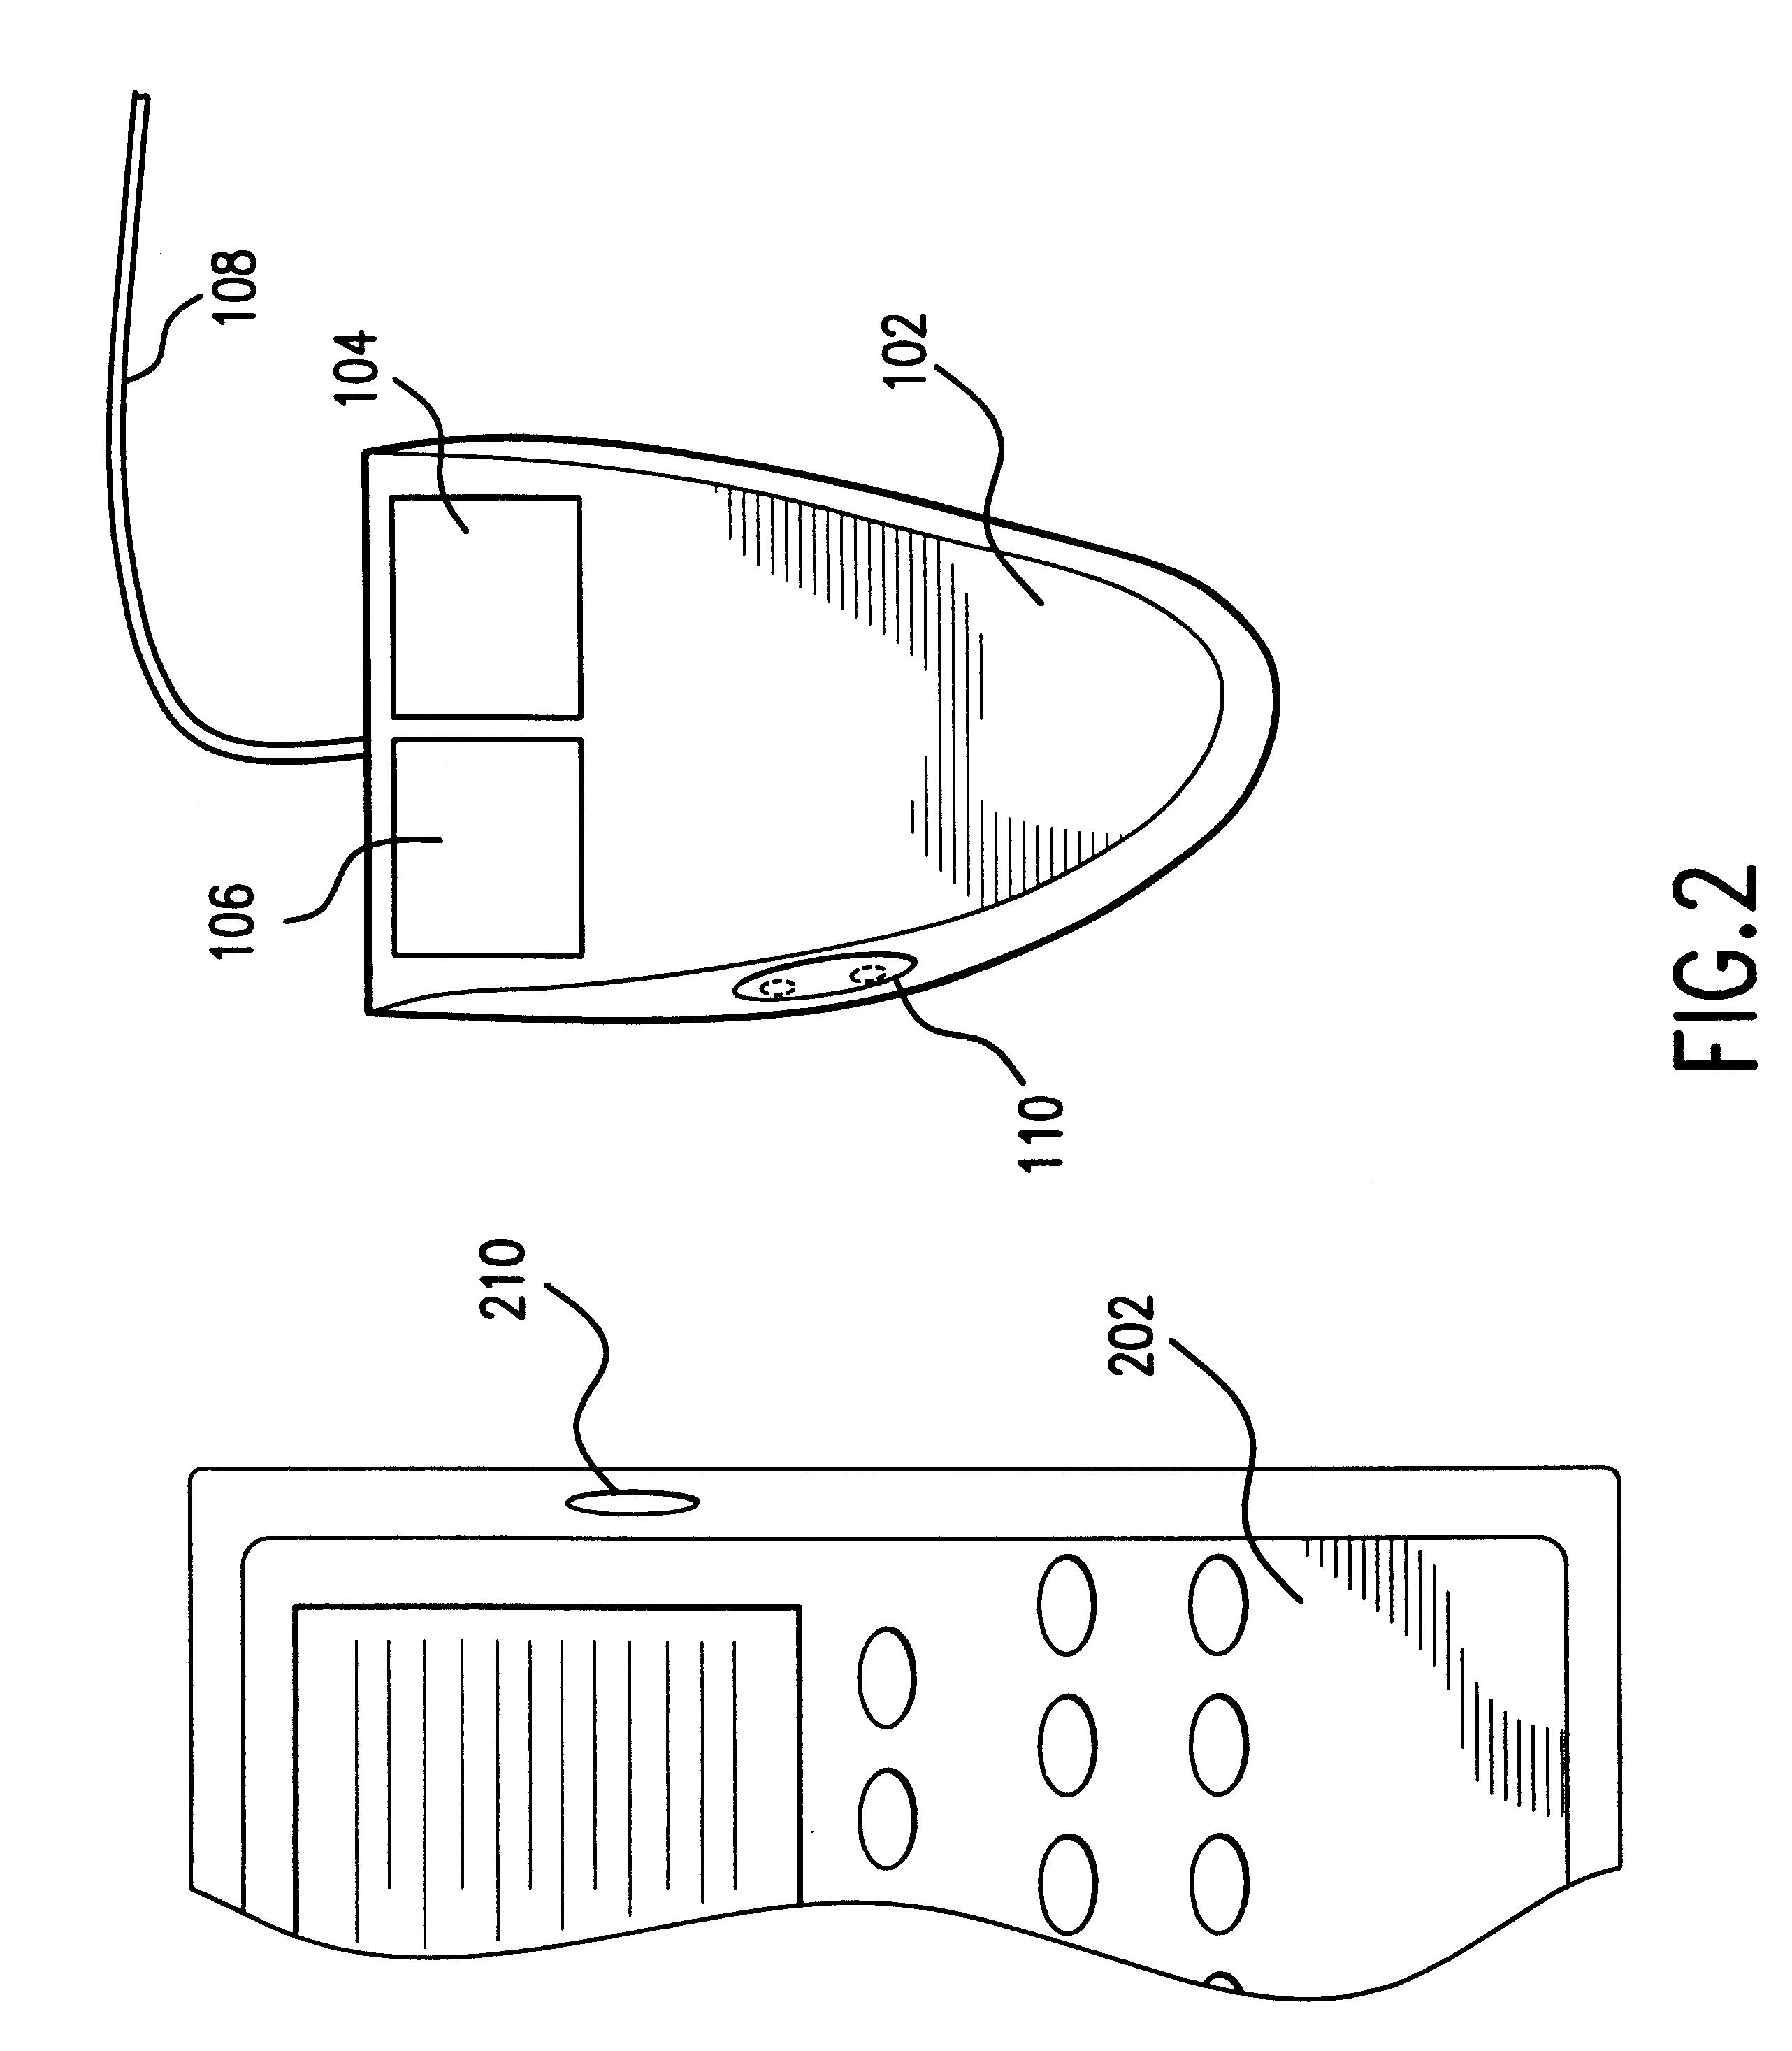 patent us6639583